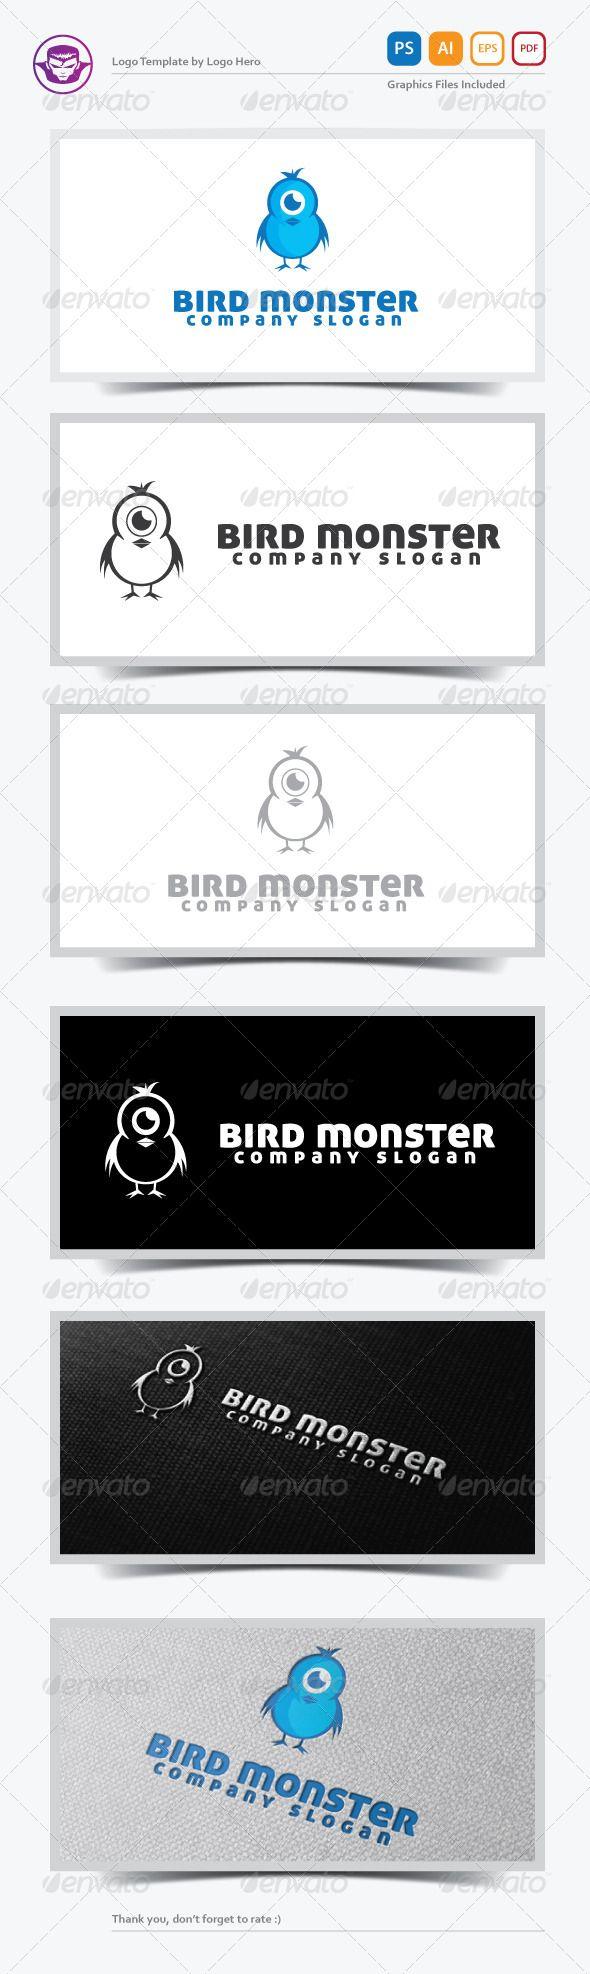 Bird Monster Logo Template The 840 best